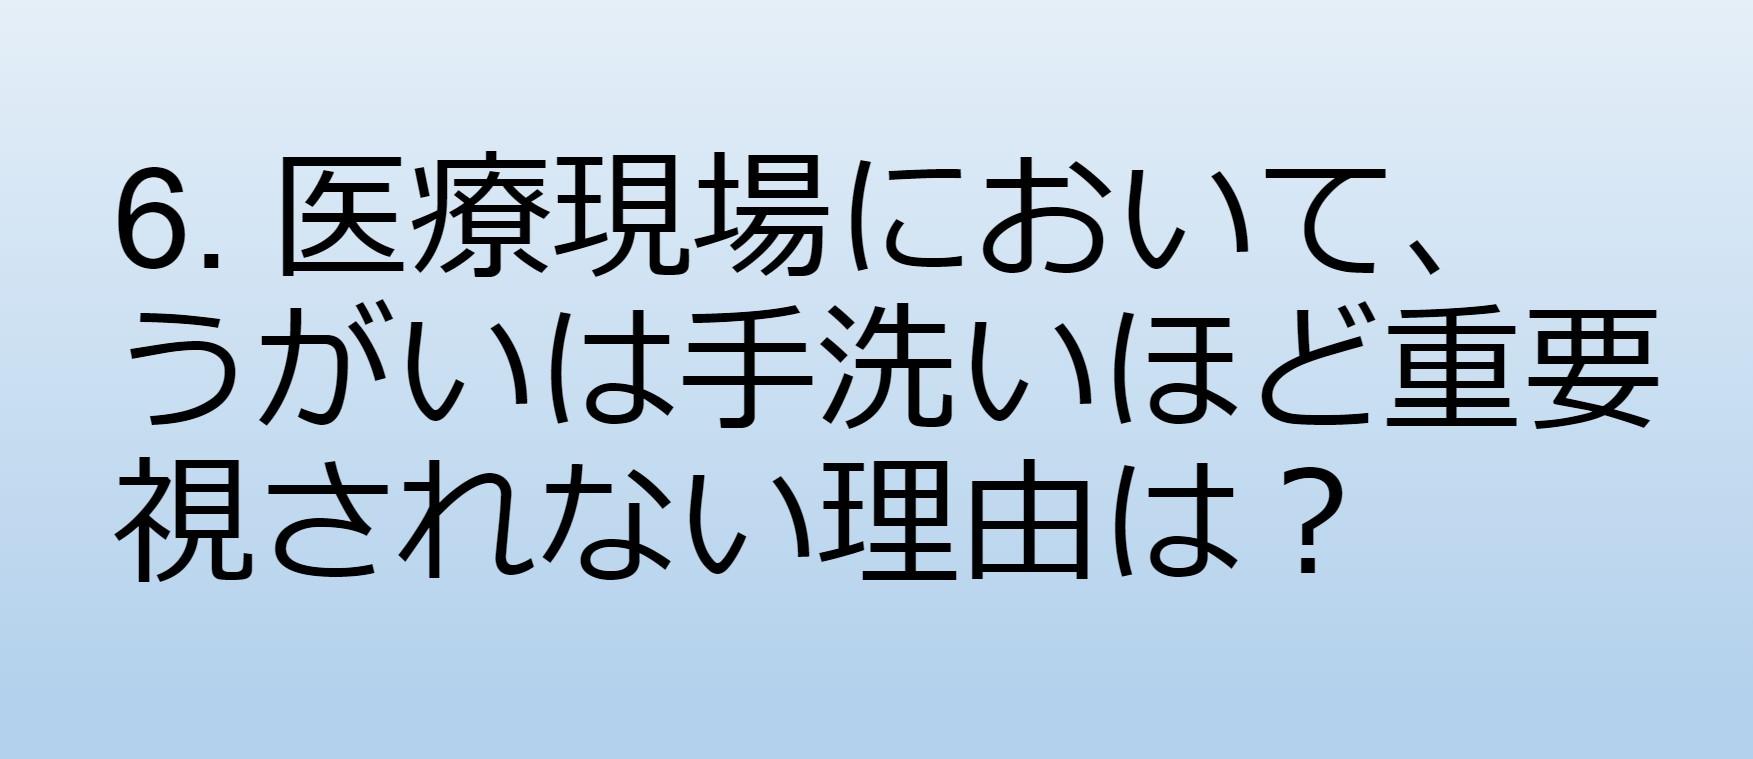 スクリーンショット (27).jpg